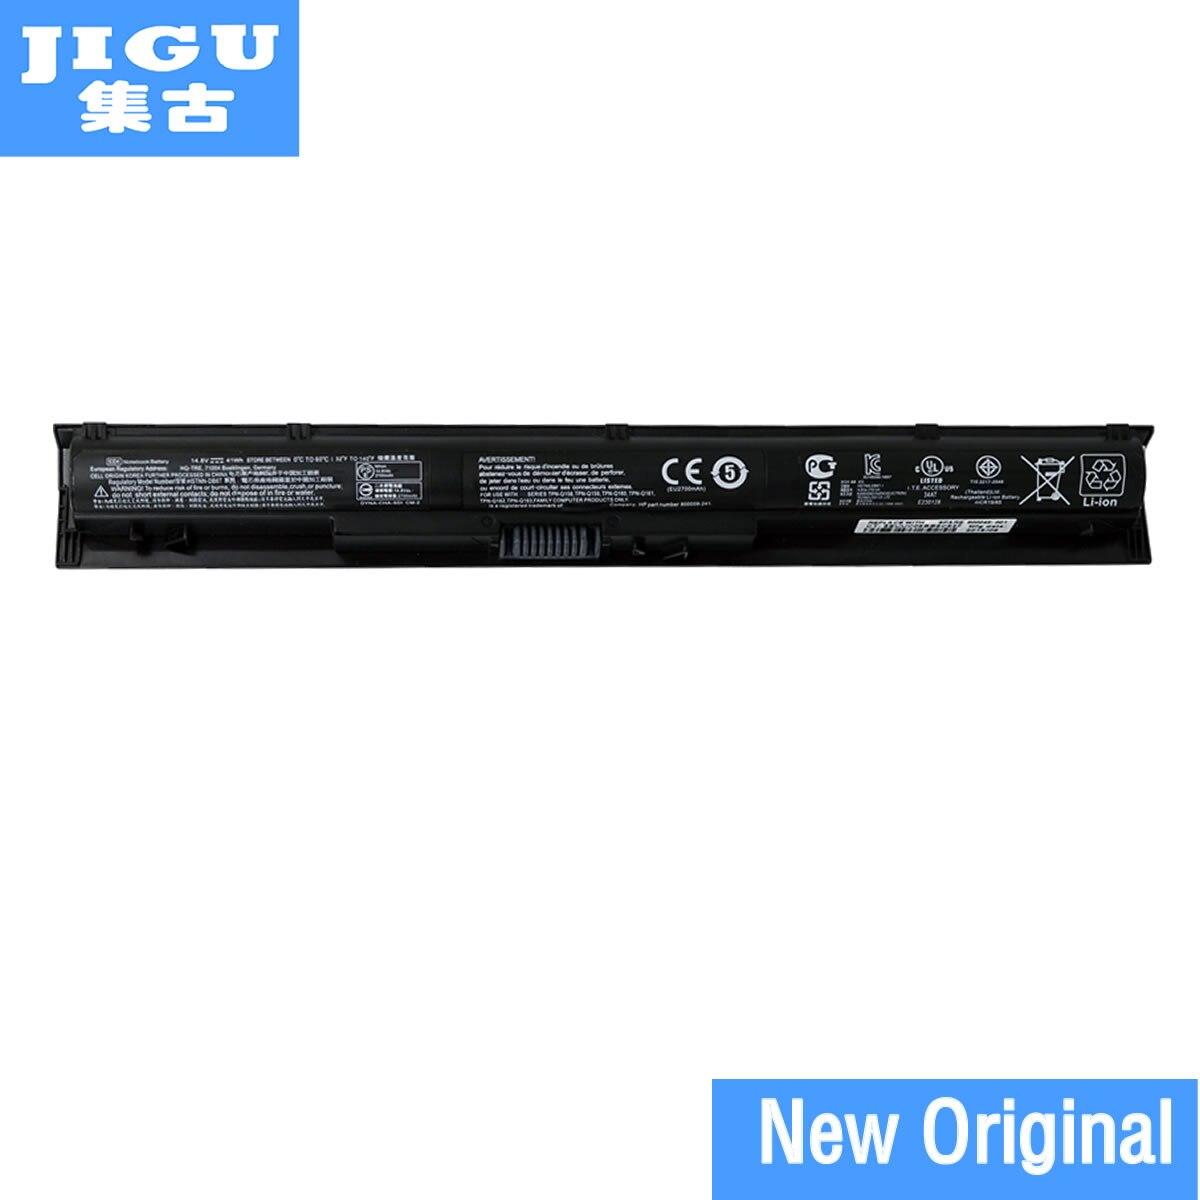 JIGU Laptop Battery HSTNN-DB6T HSTNN-LB6S K104 K1O4 N2L84AA TPN-Q158 TPN-Q159 TPN-Q160 TPN-Q161 FOR HP ki04 battery for hp pavilion 14 15 17 ab000 hstnn lb6s db6t 800049 001 14 8v